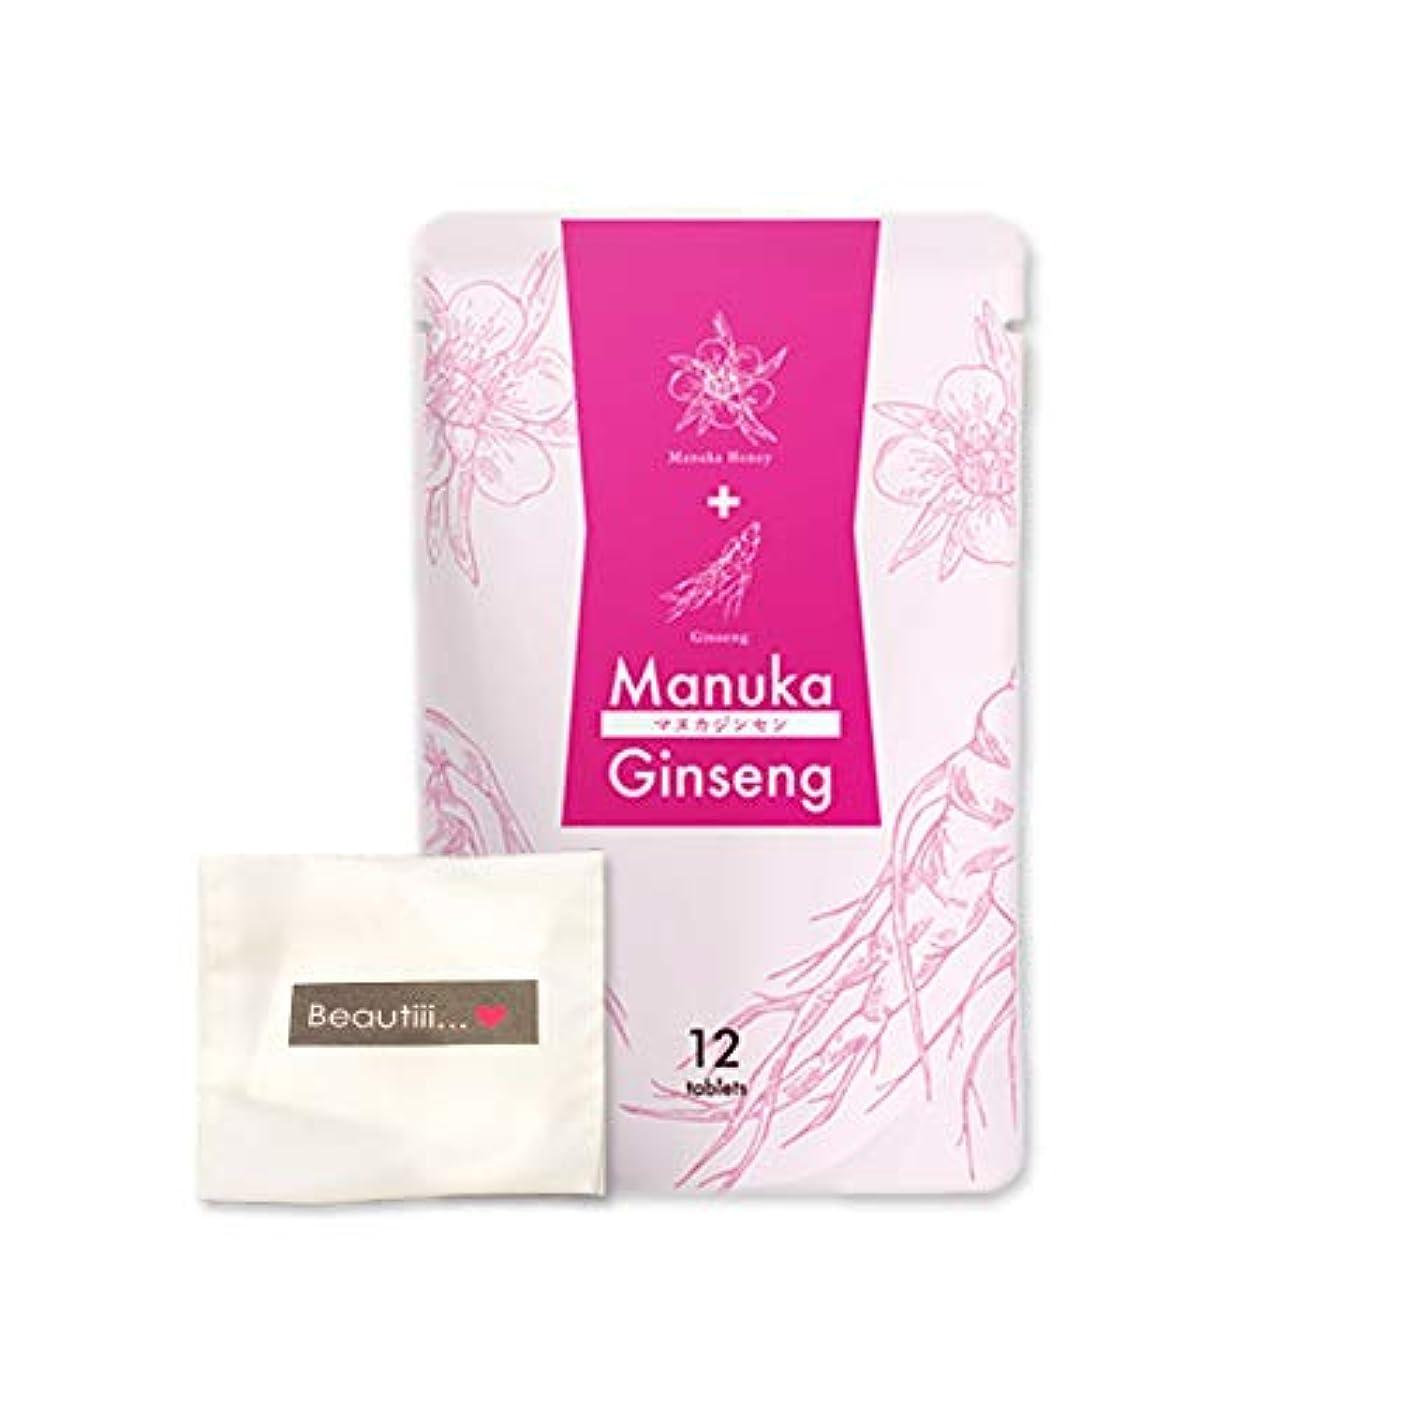 脚それにもかかわらず国民投票マヌカジンセン Manuka Ginseng (1袋6日分)【Beautiiiギフトセット付属】食生活サポートサプリメント